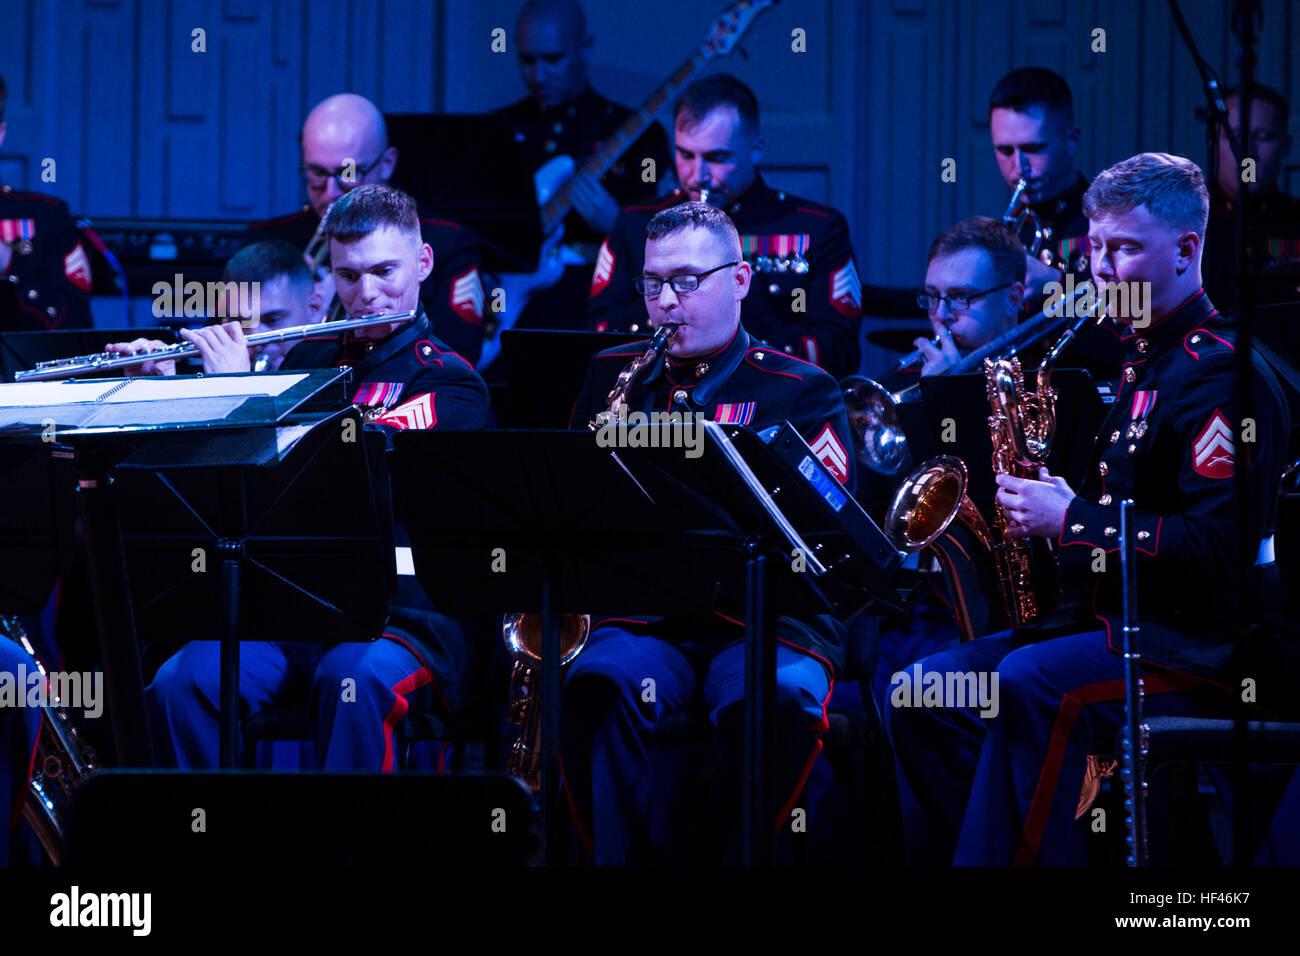 Der 2. Marine-Division (2d MARDIV) Kommandierender General, Major General John K. Love, beherbergt ein Urlaub-Konzert Stockfoto